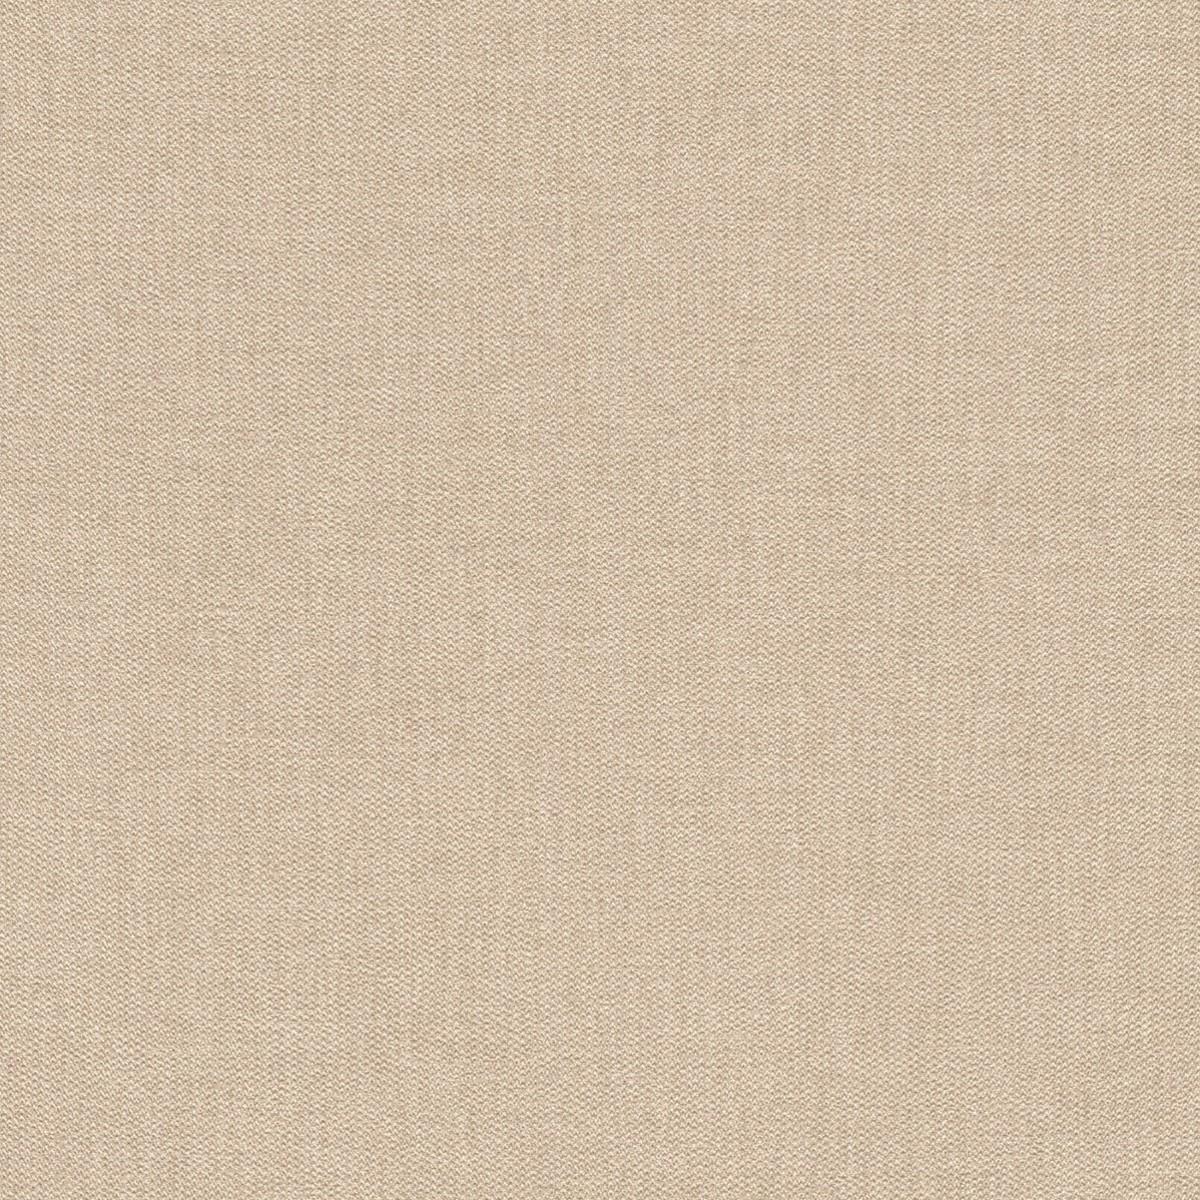 Обои флизелиновые Rasch Etro бежевые 0.70 м 515756